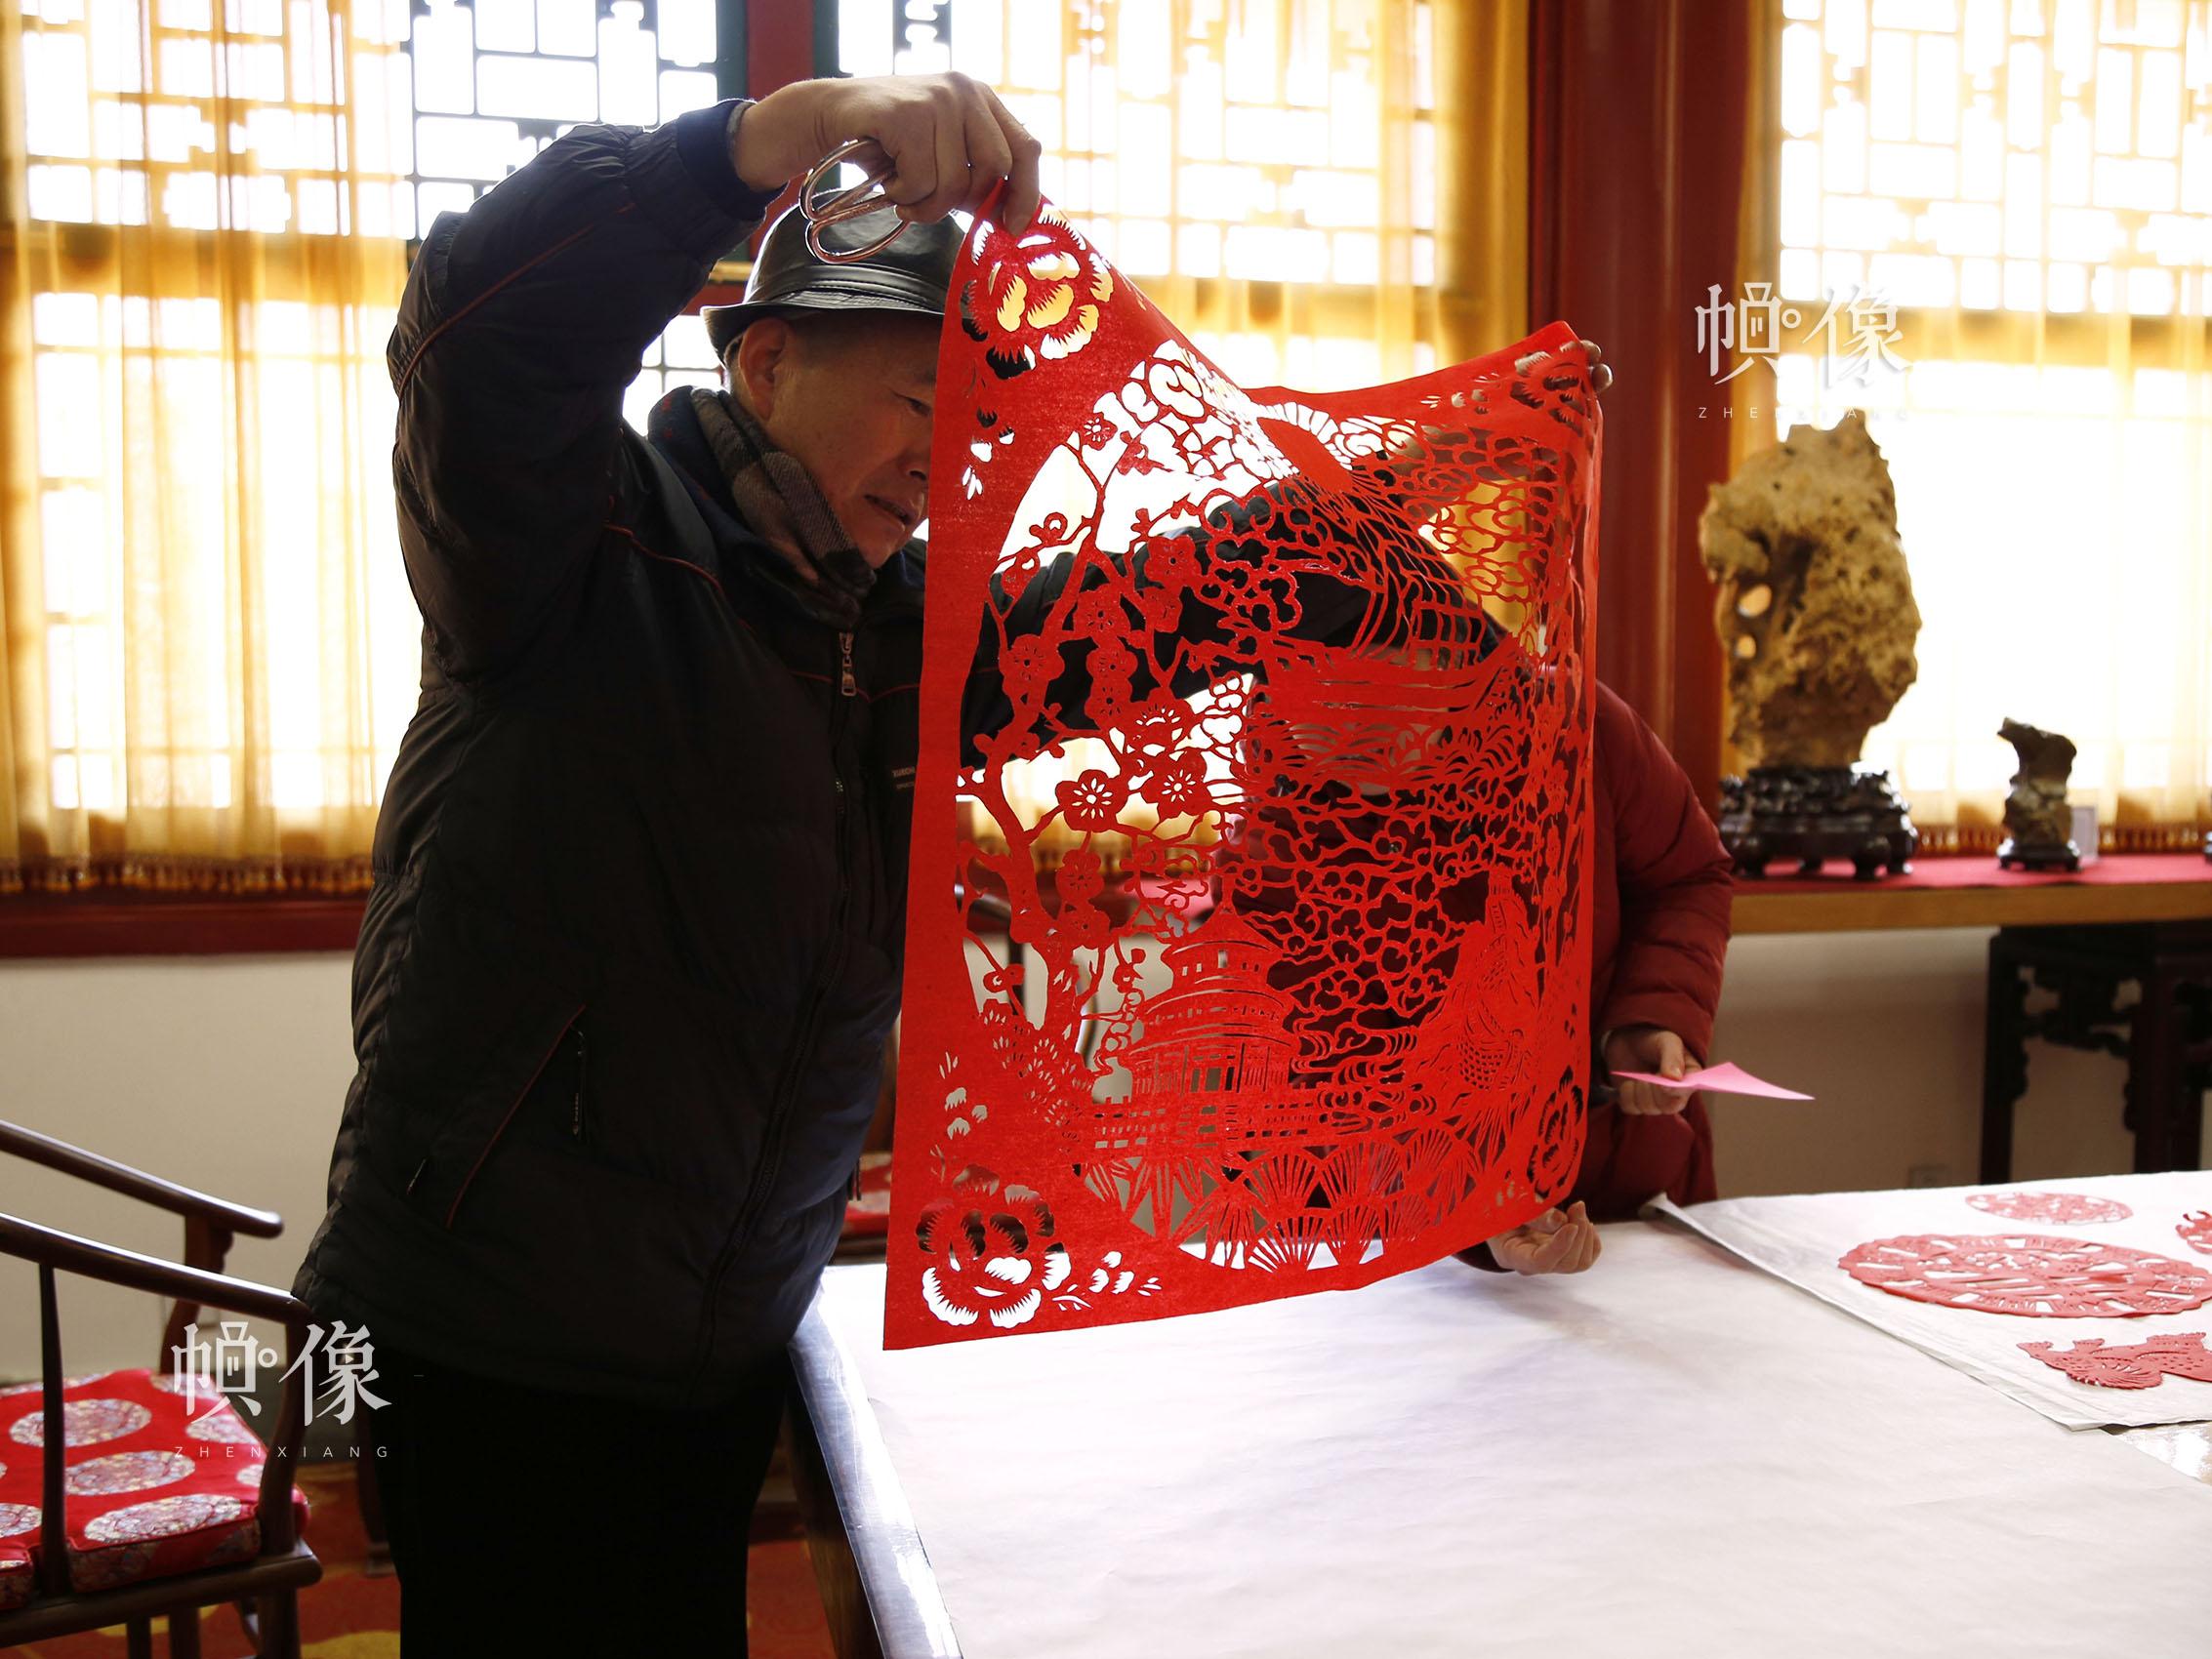 姚雨林正在给他的学生讲解他最新作品的制作细节。中国网实习记者 张钰 摄